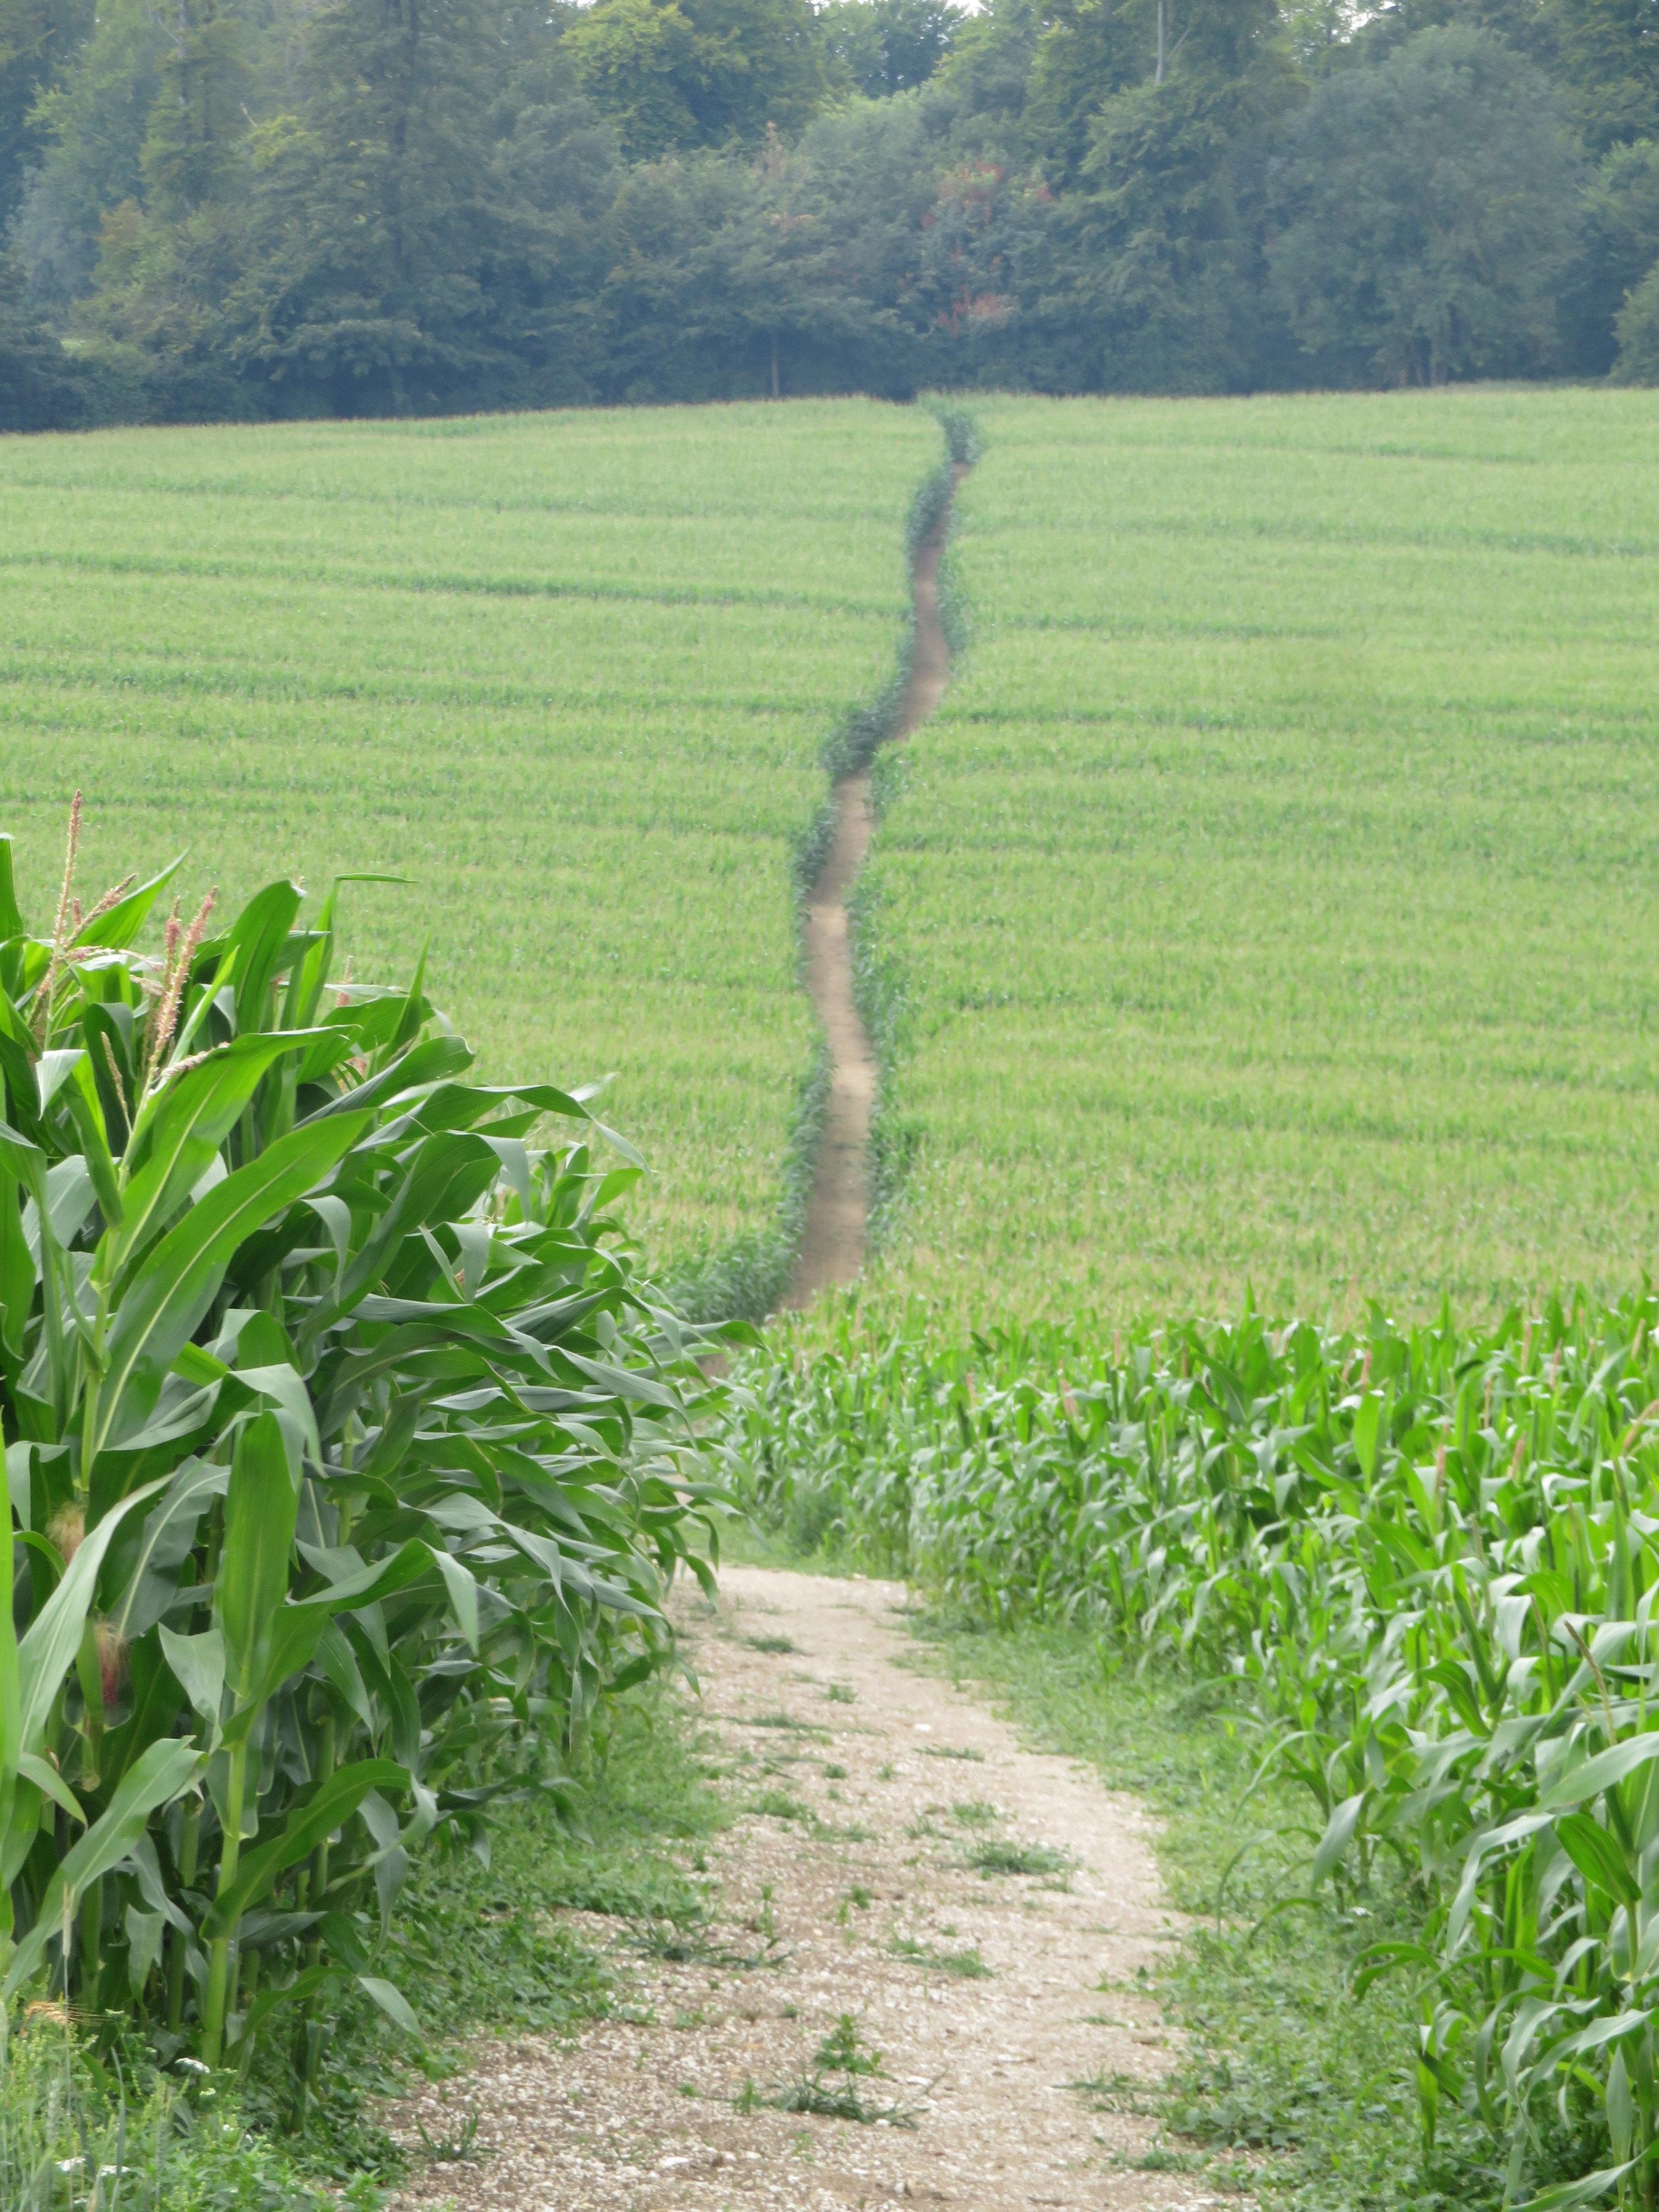 Thru cornfields & hayfields